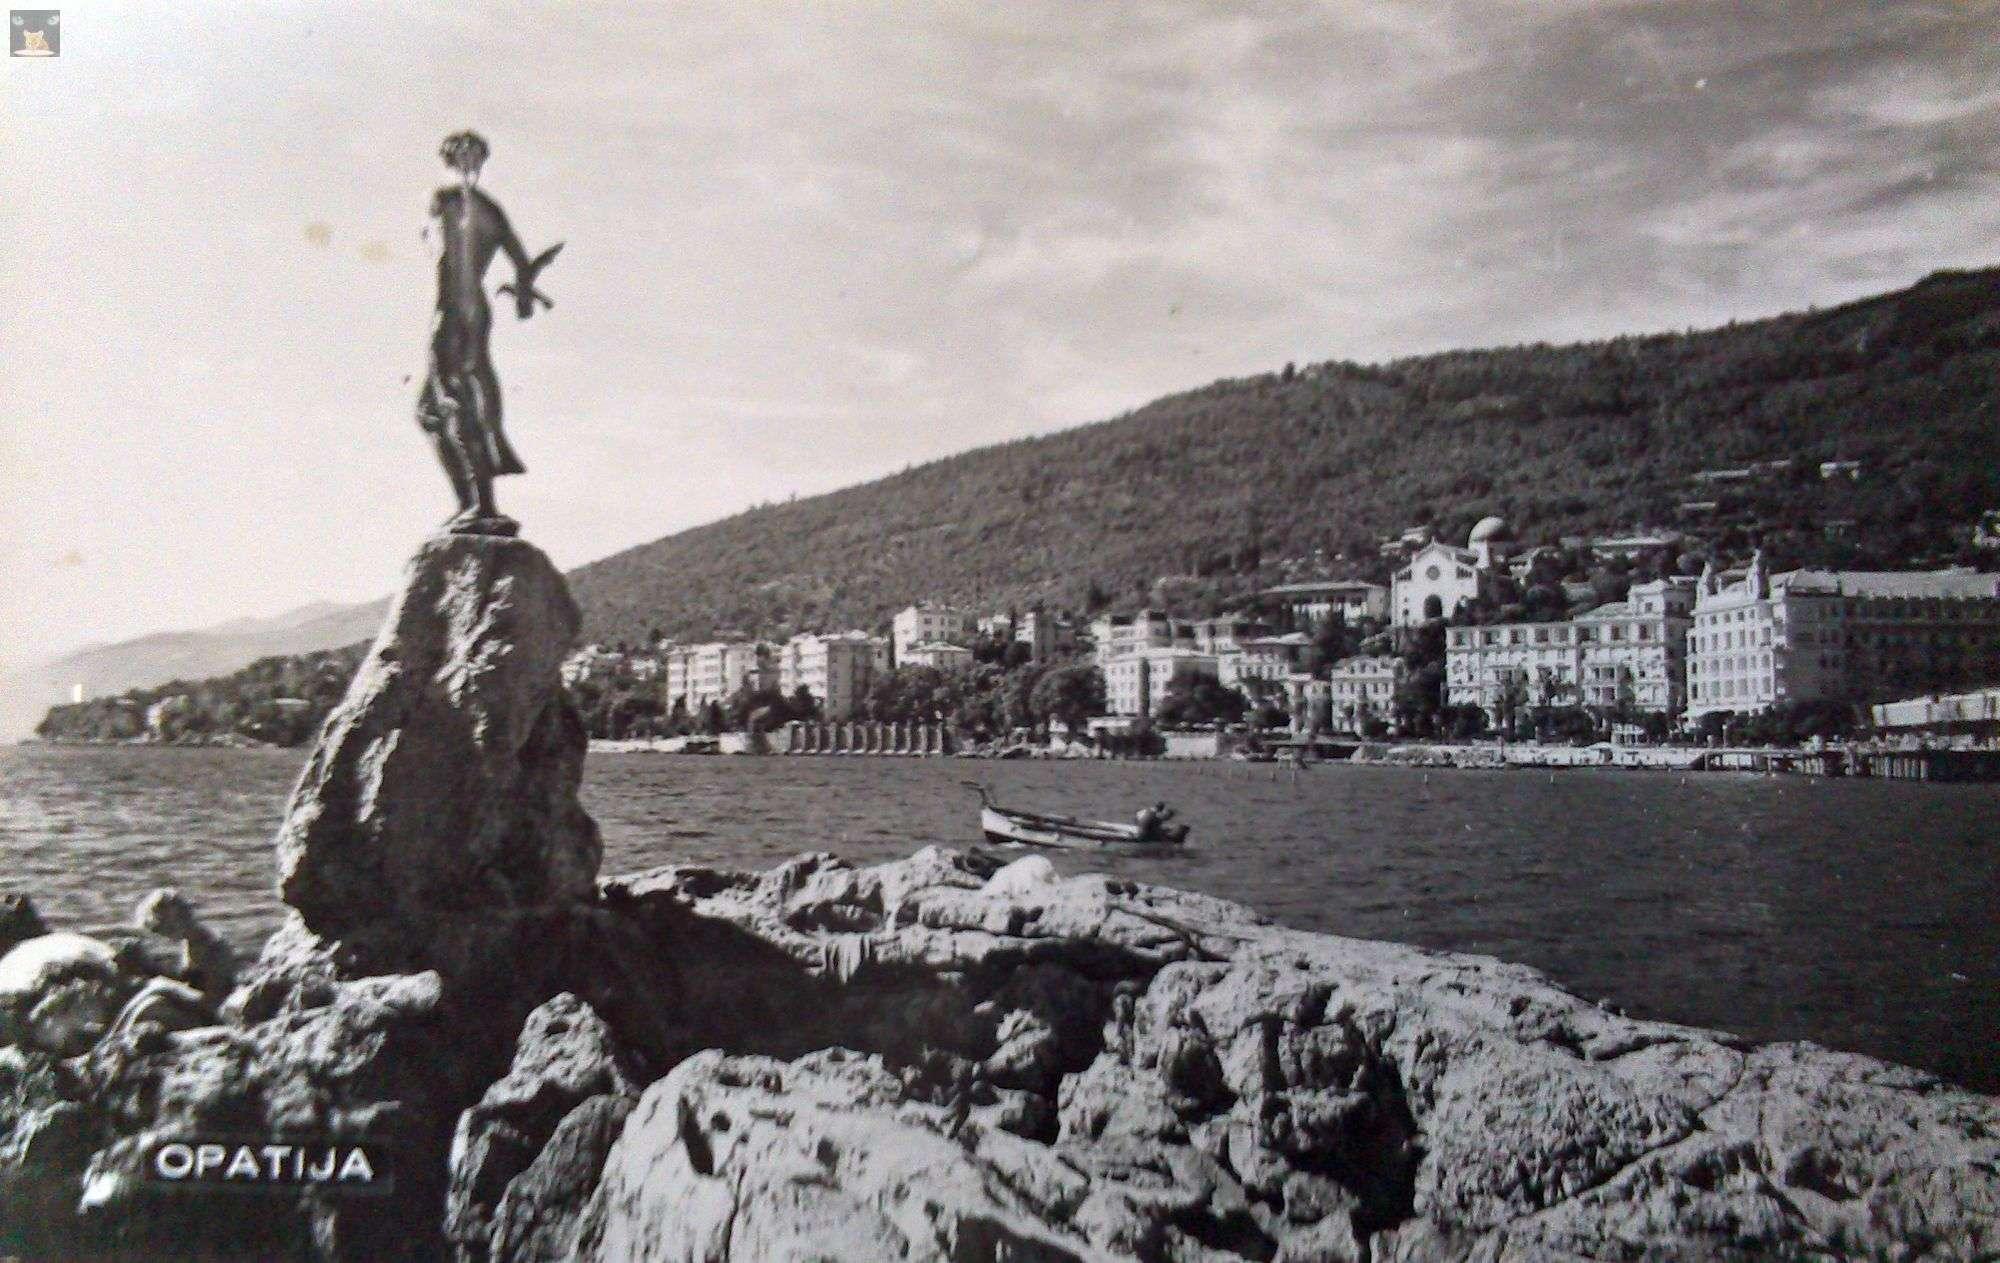 djevojka s galebom opatija kip